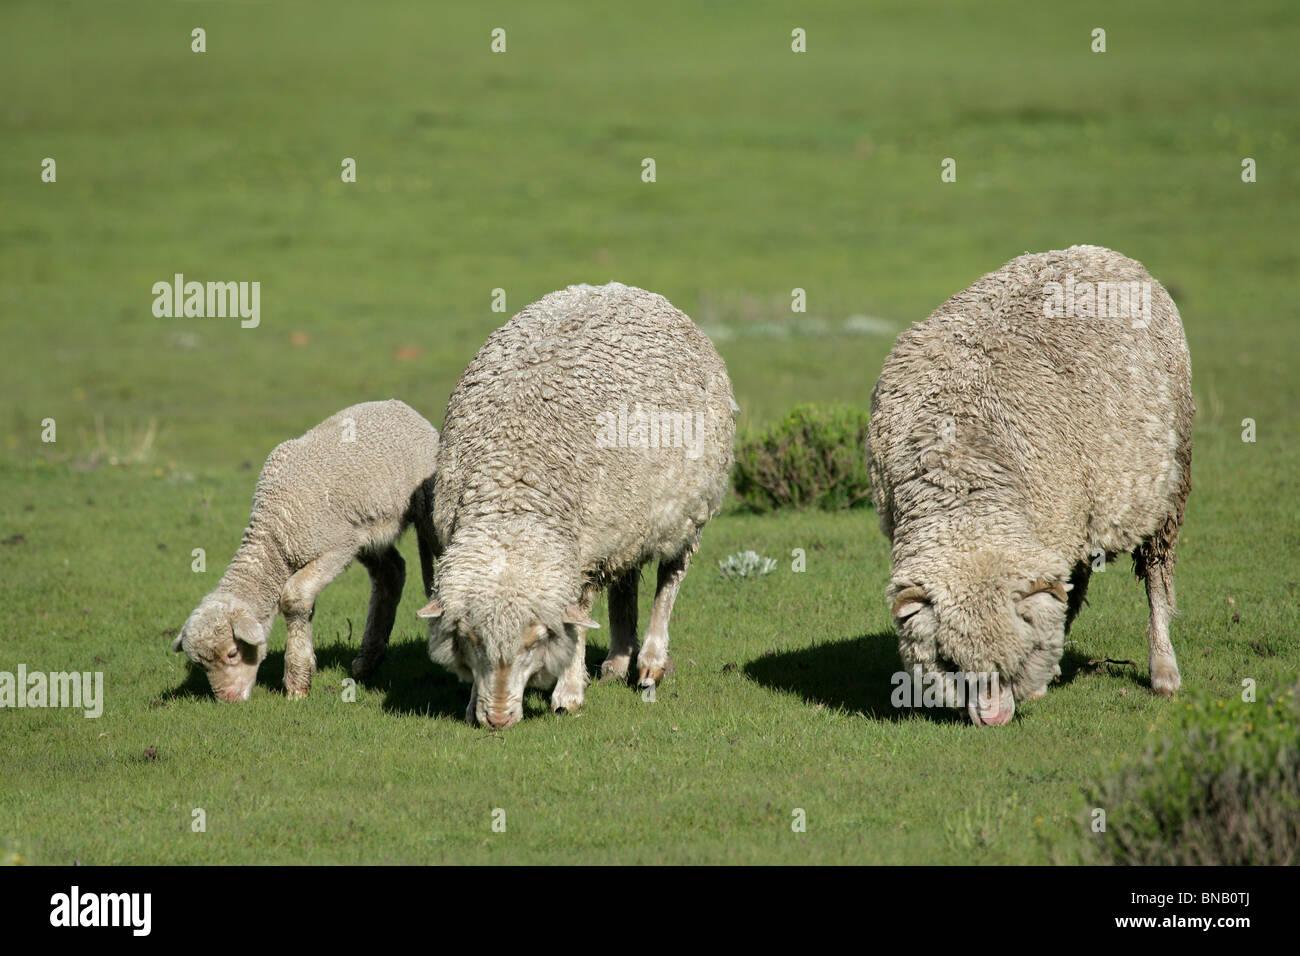 Merino sheep grazing on lush green pasture - Stock Image